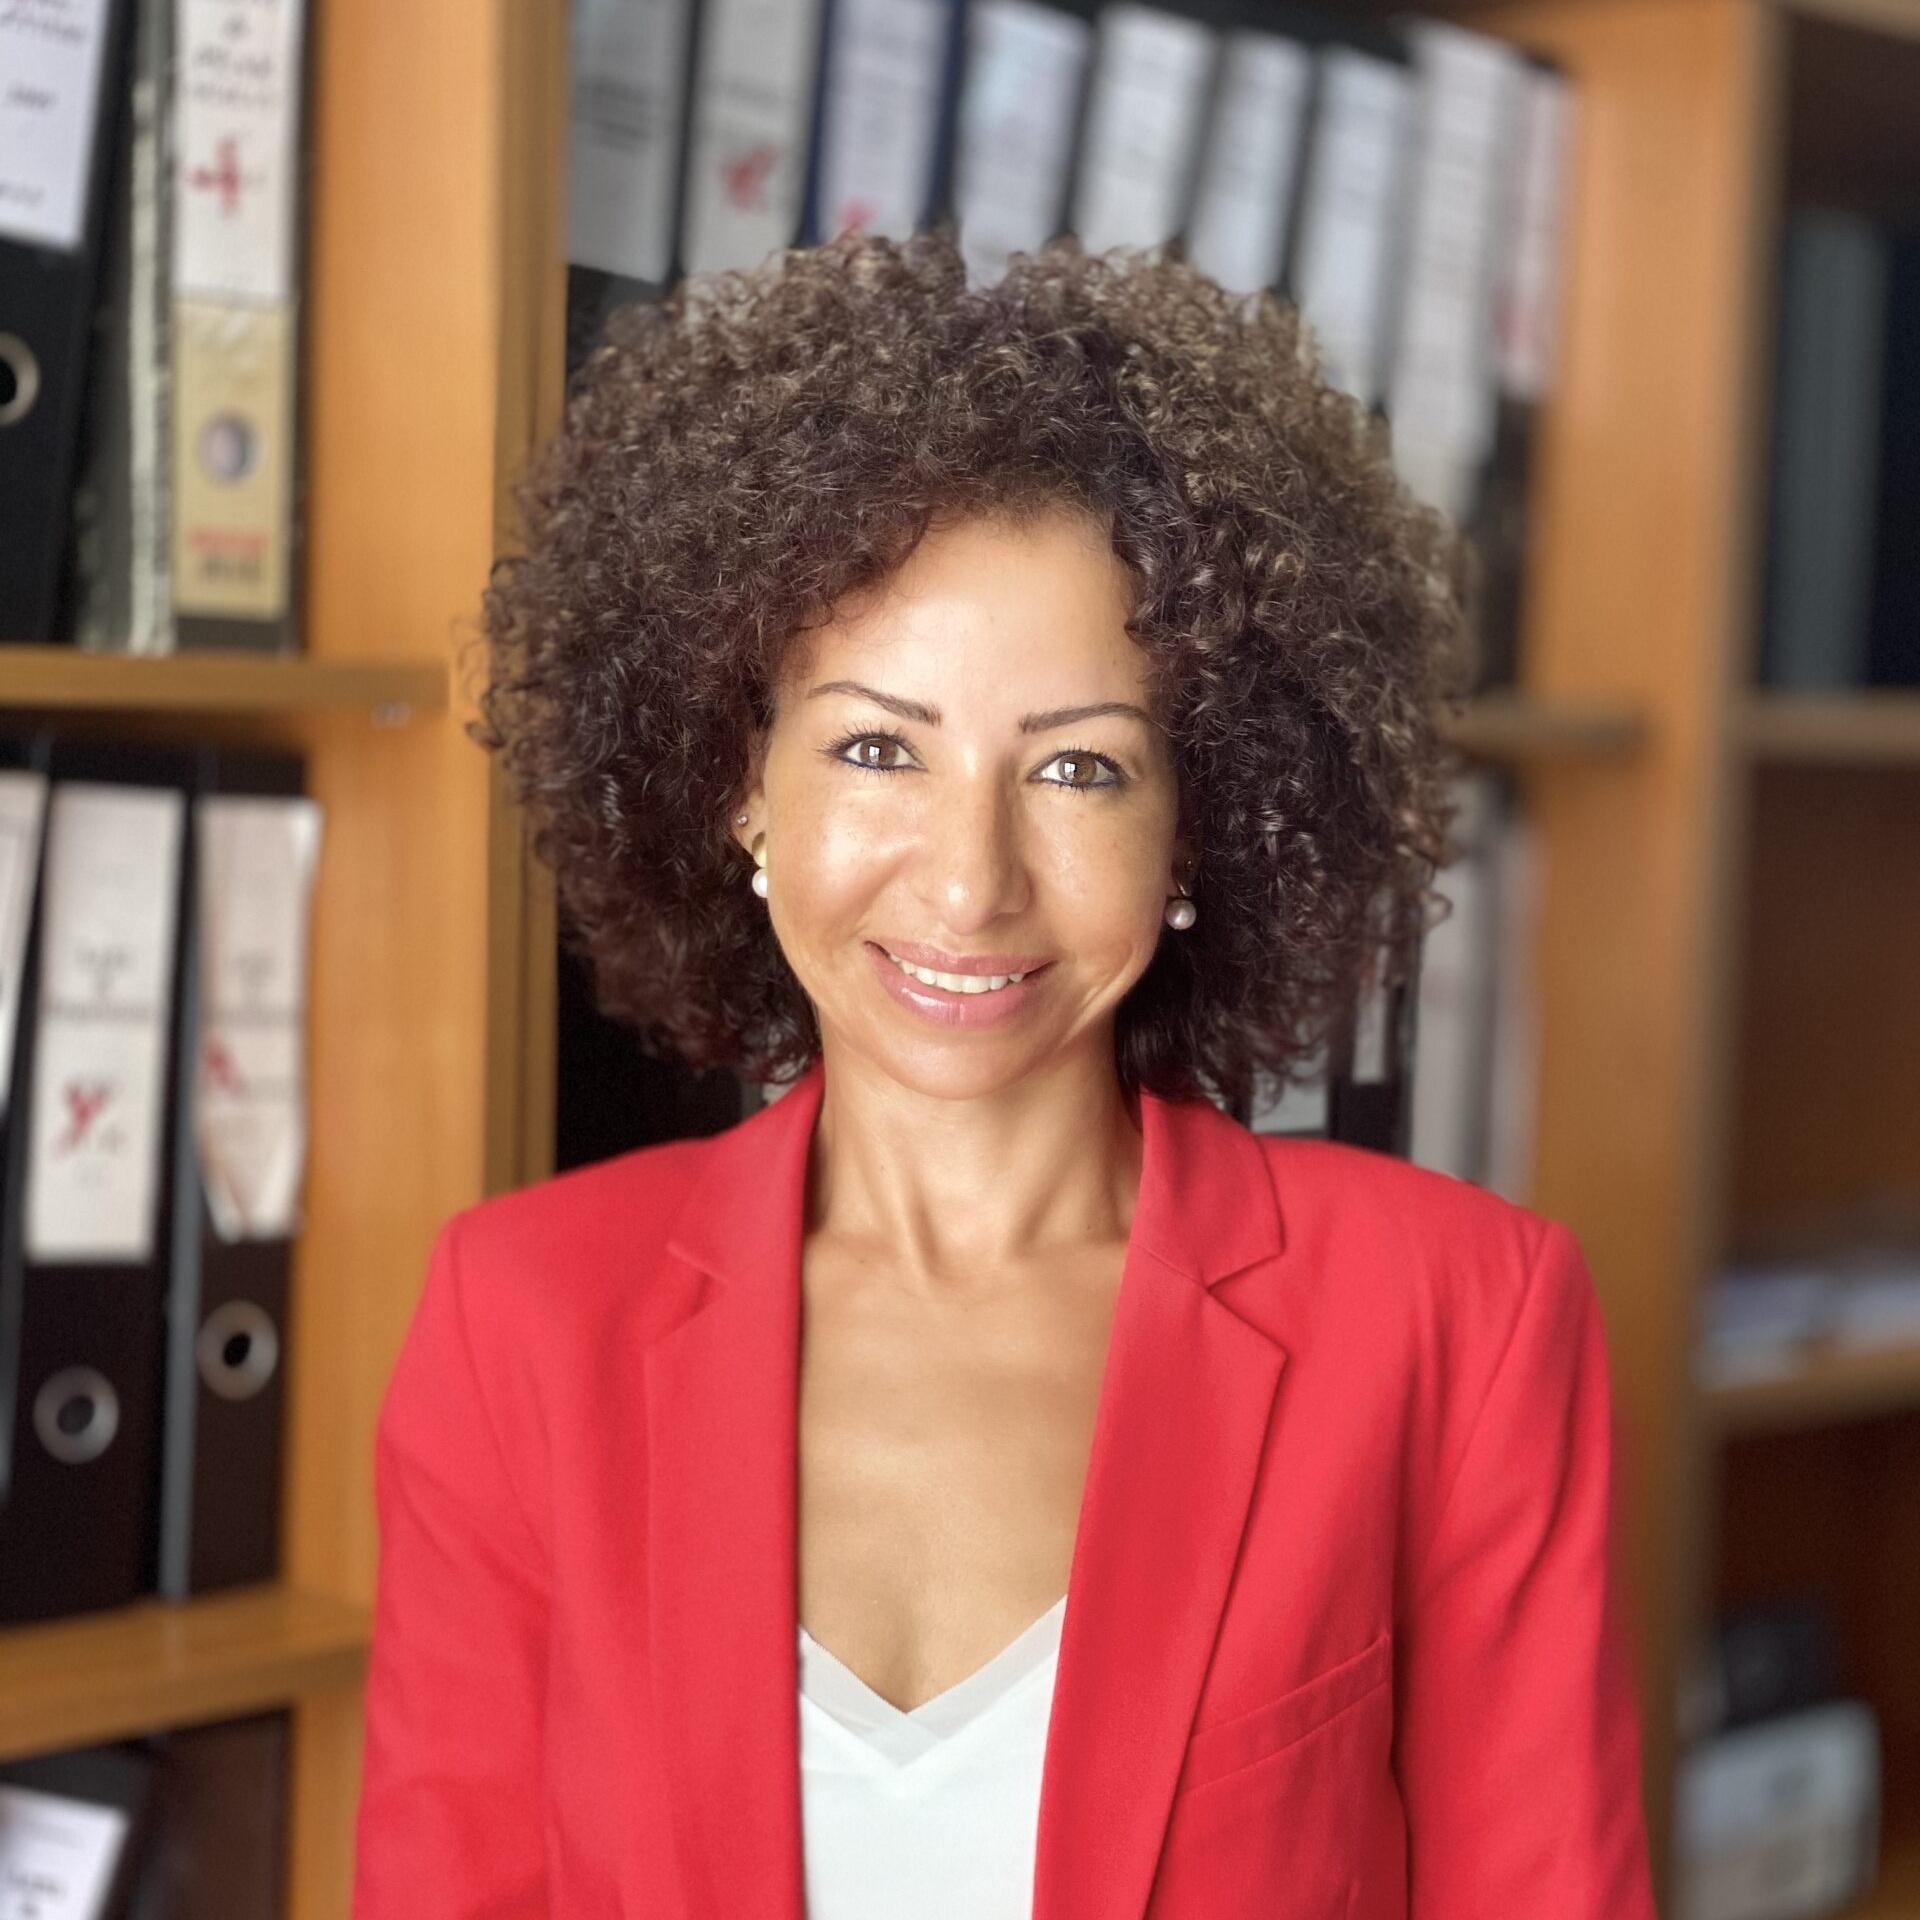 Mona Khalilieh